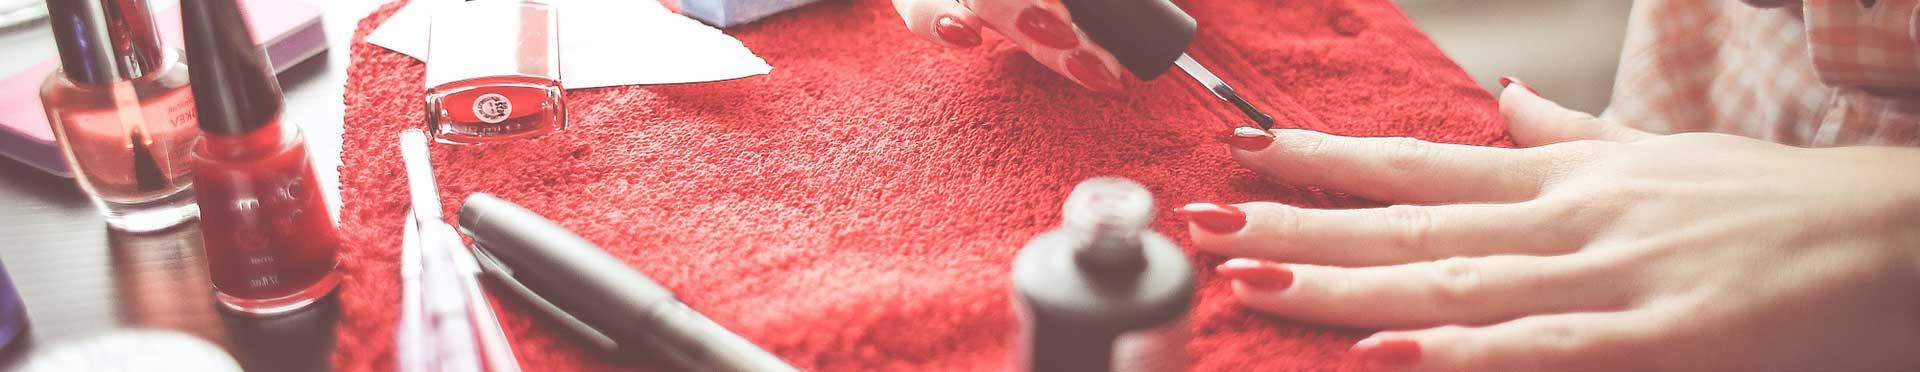 Asesoramiento a fabricantes de productos cosméticos